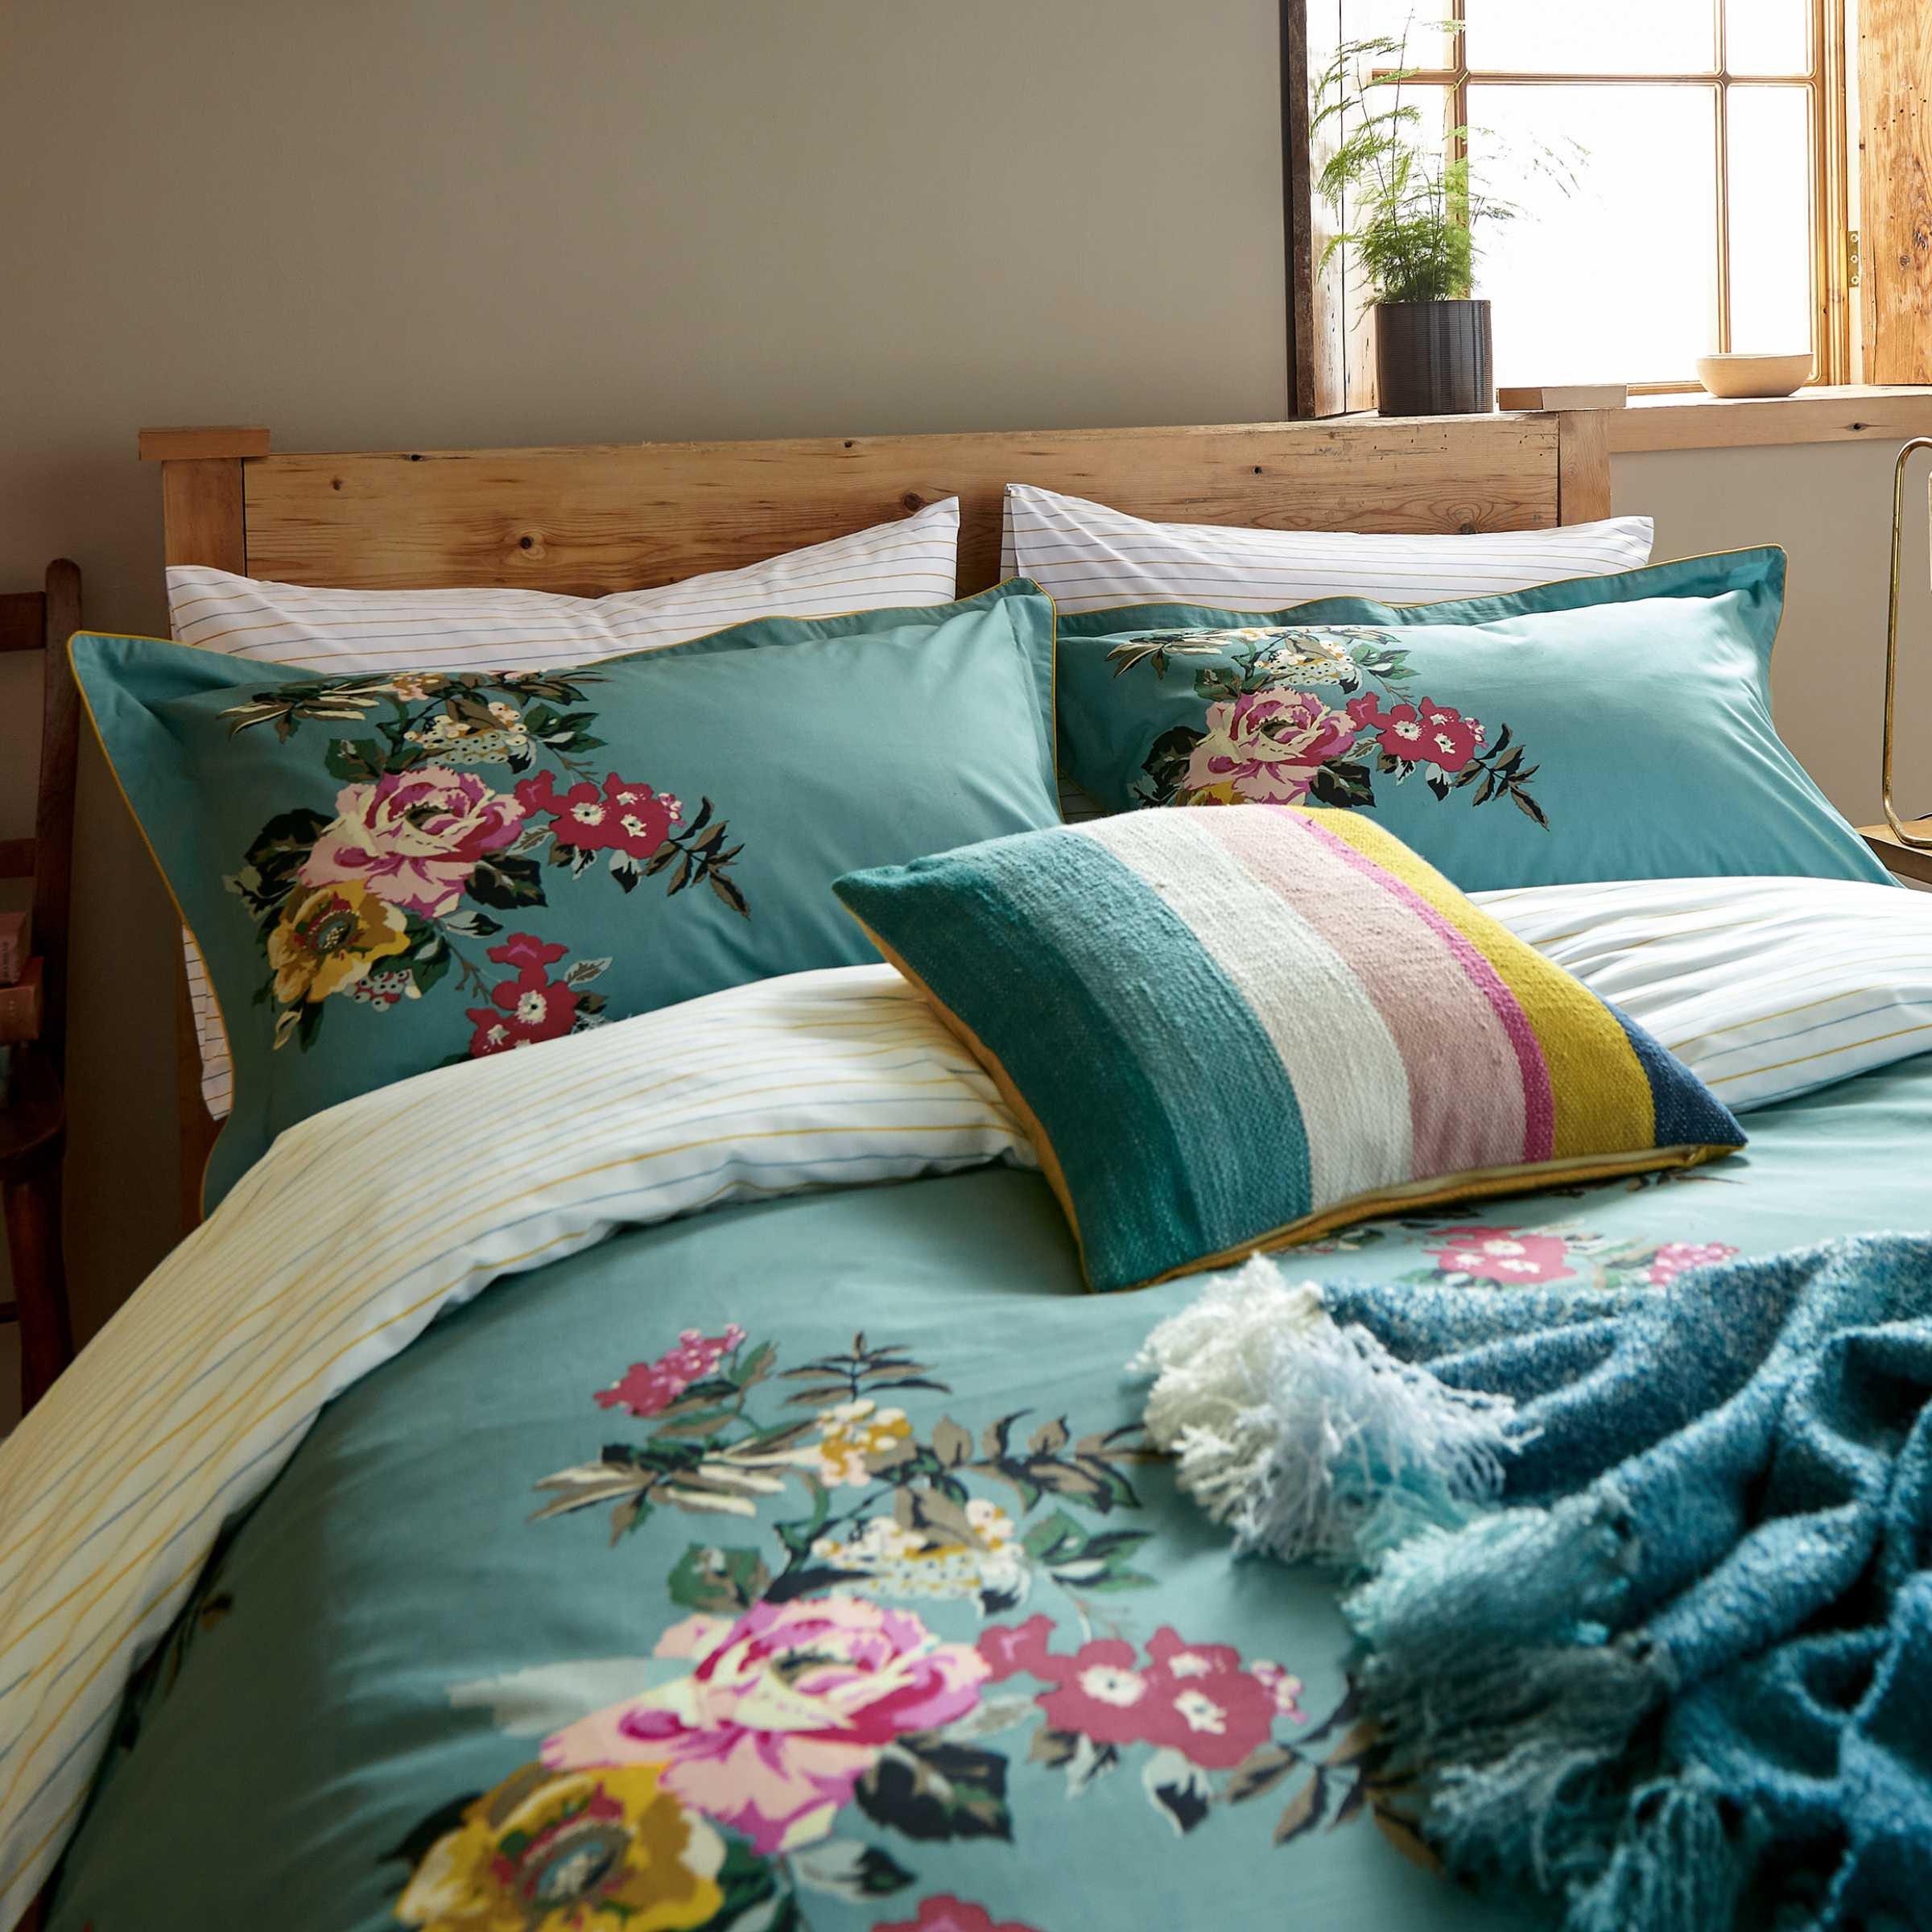 Joules Cotswold Floral Kingsize Duvet Cover Set, Altantic Blue